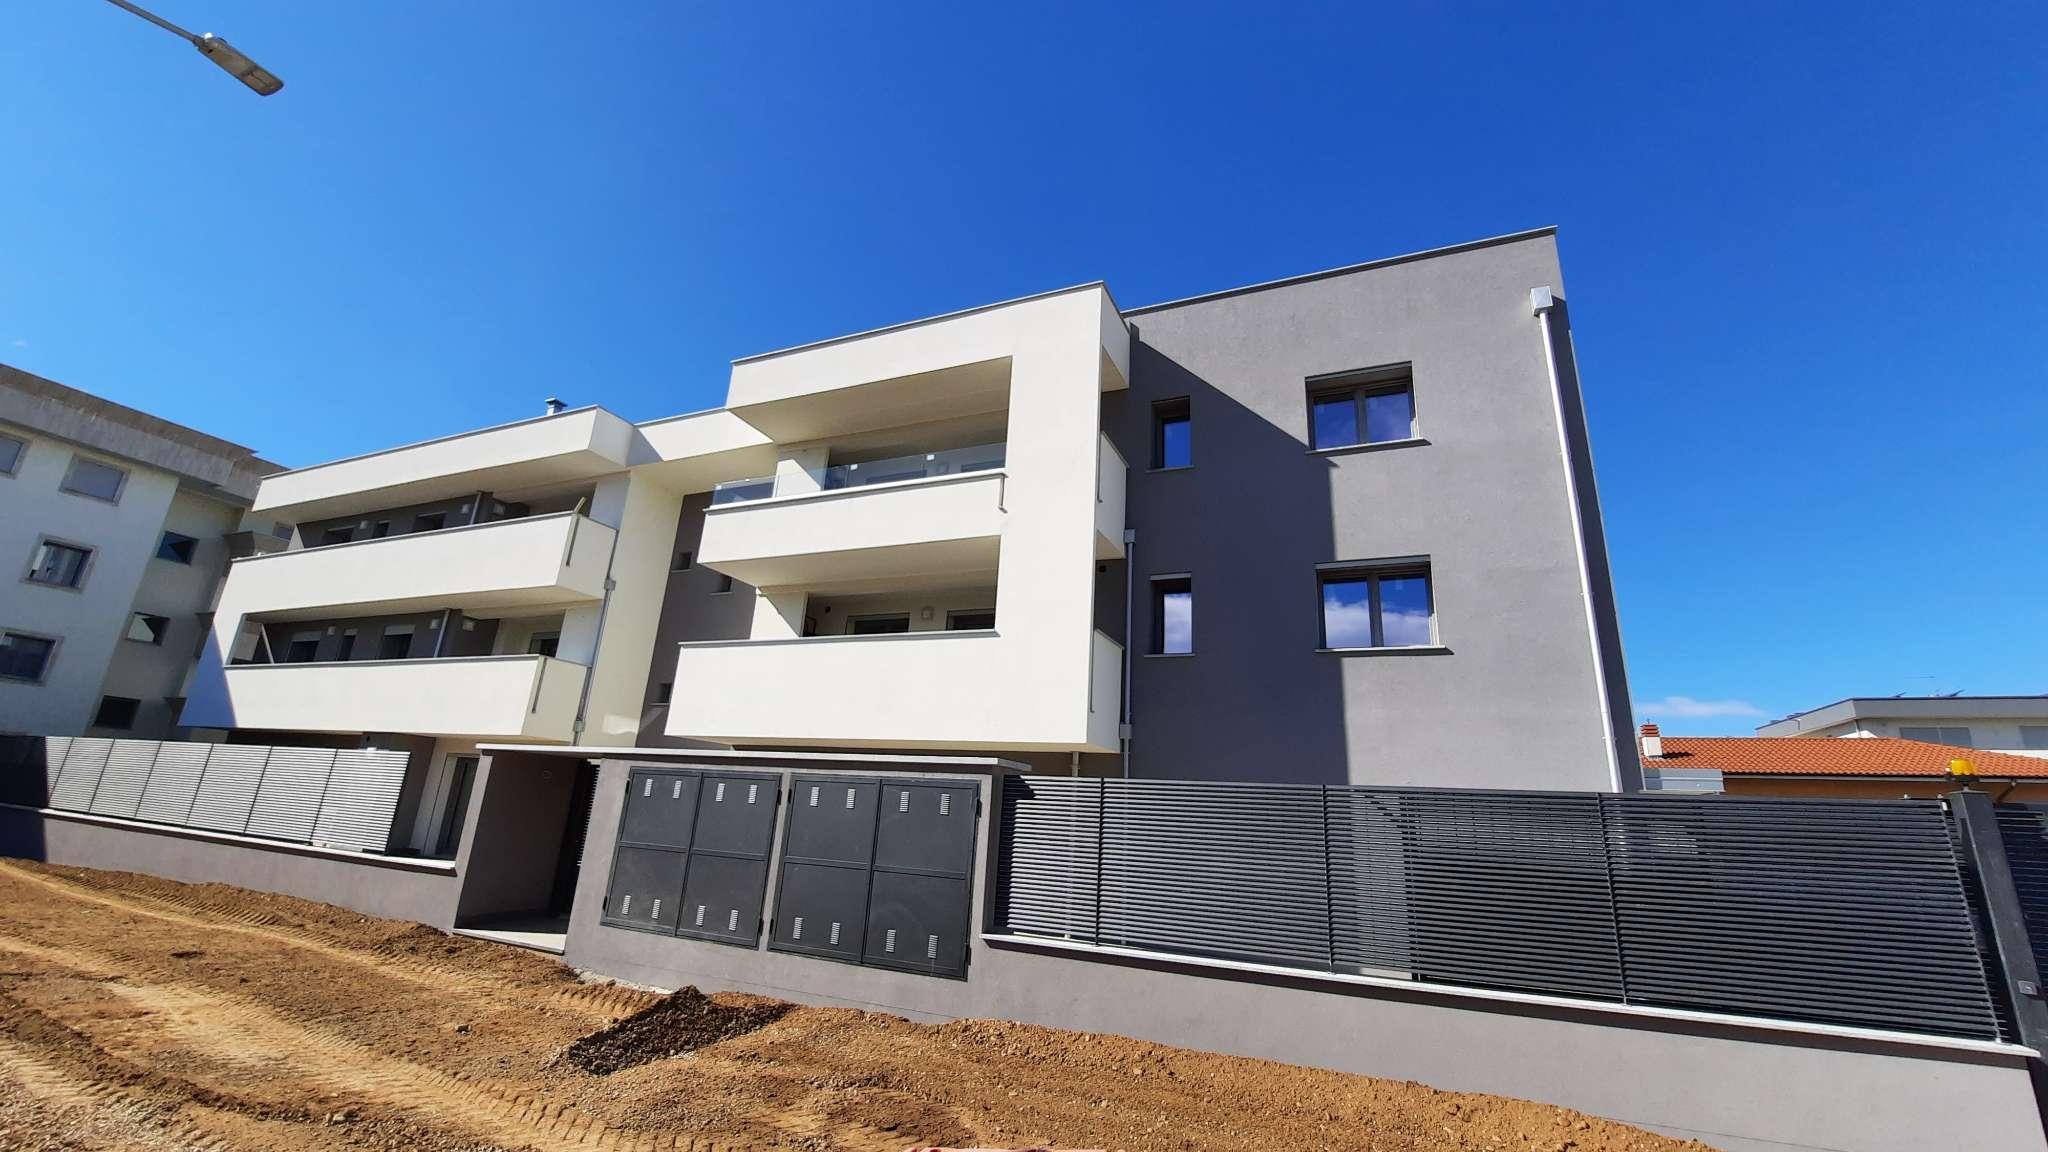 Appartamento in vendita a Lainate, 3 locali, prezzo € 275.000 | CambioCasa.it